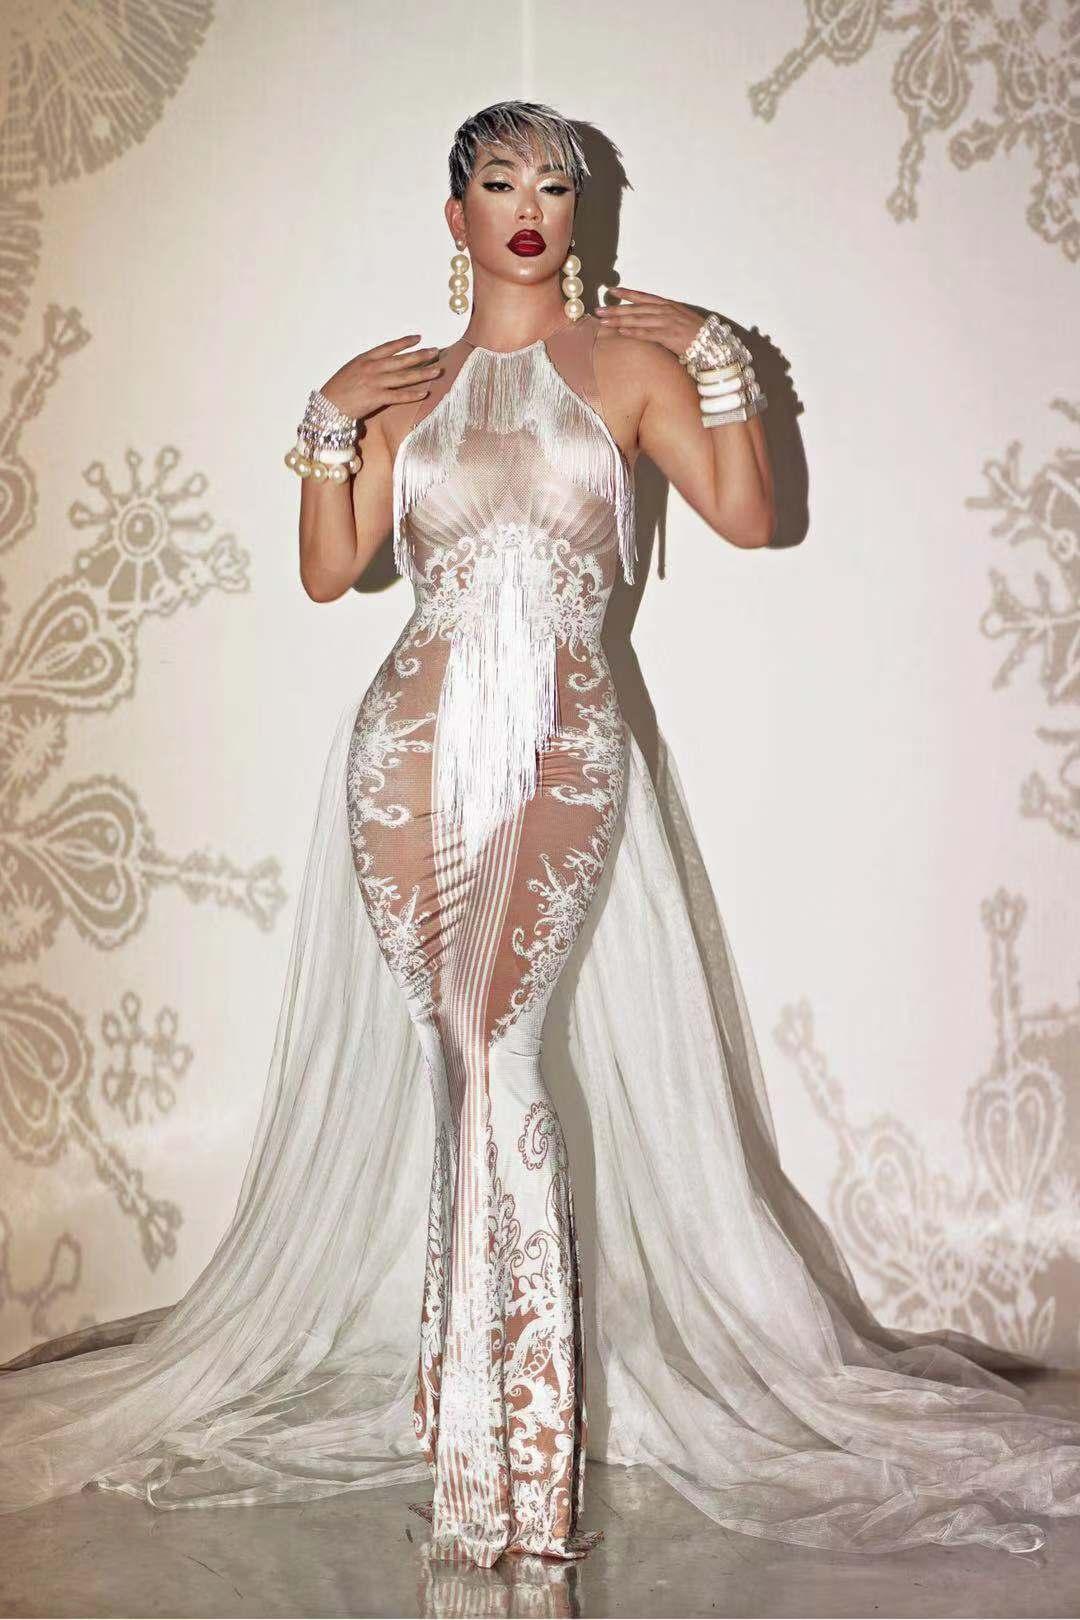 تصميم جديد فستان أبيض عاري الذيل ملابس رقص عيد ميلاد احتفال الأداء تمتد فستان ارتداء شريط حفلة موسيقية المغني قطار طويل